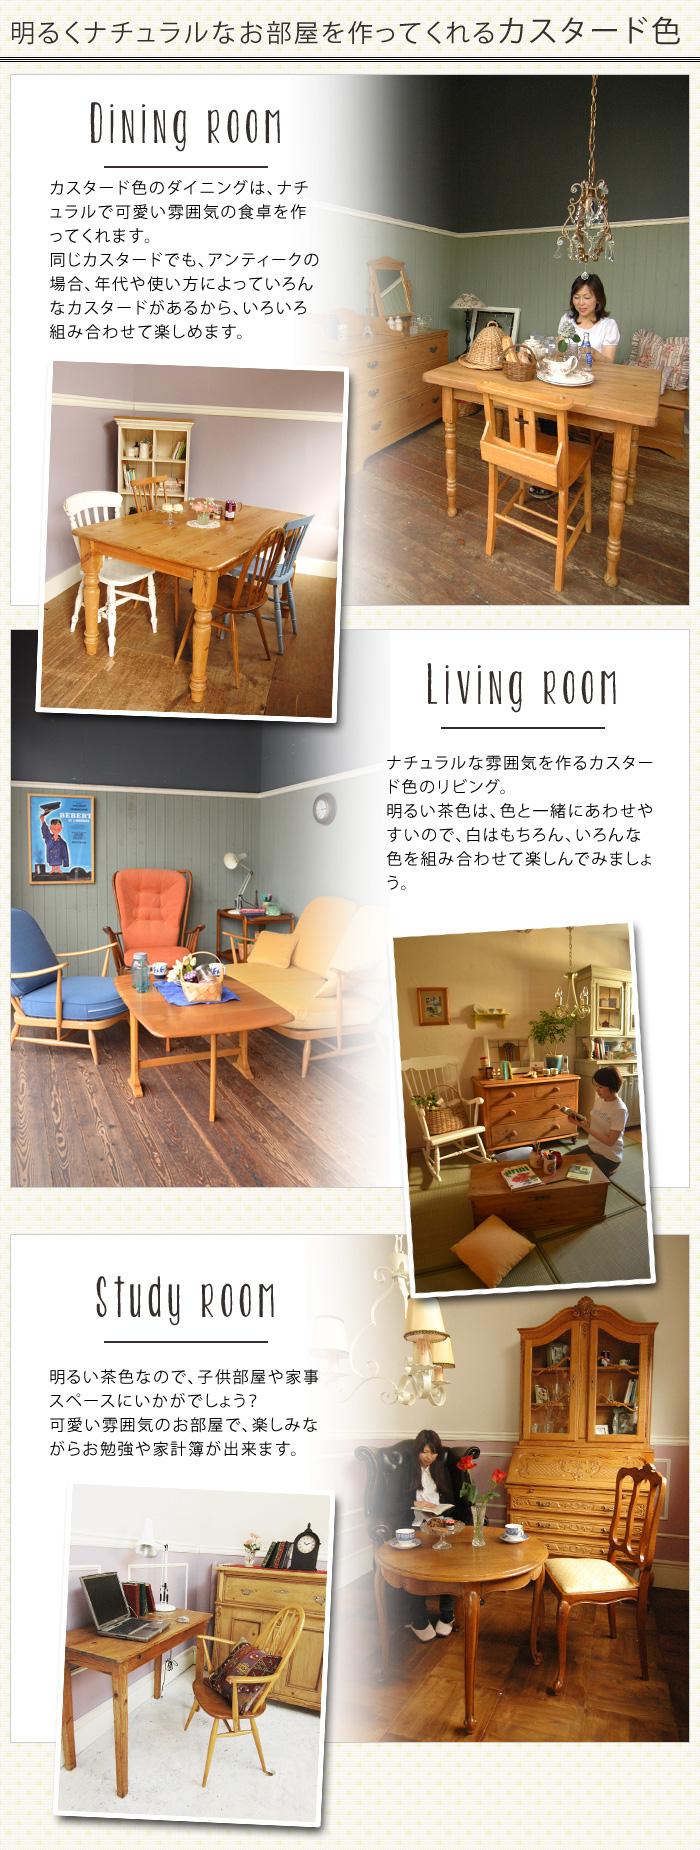 カスタード色の家具を使ったスタイリング